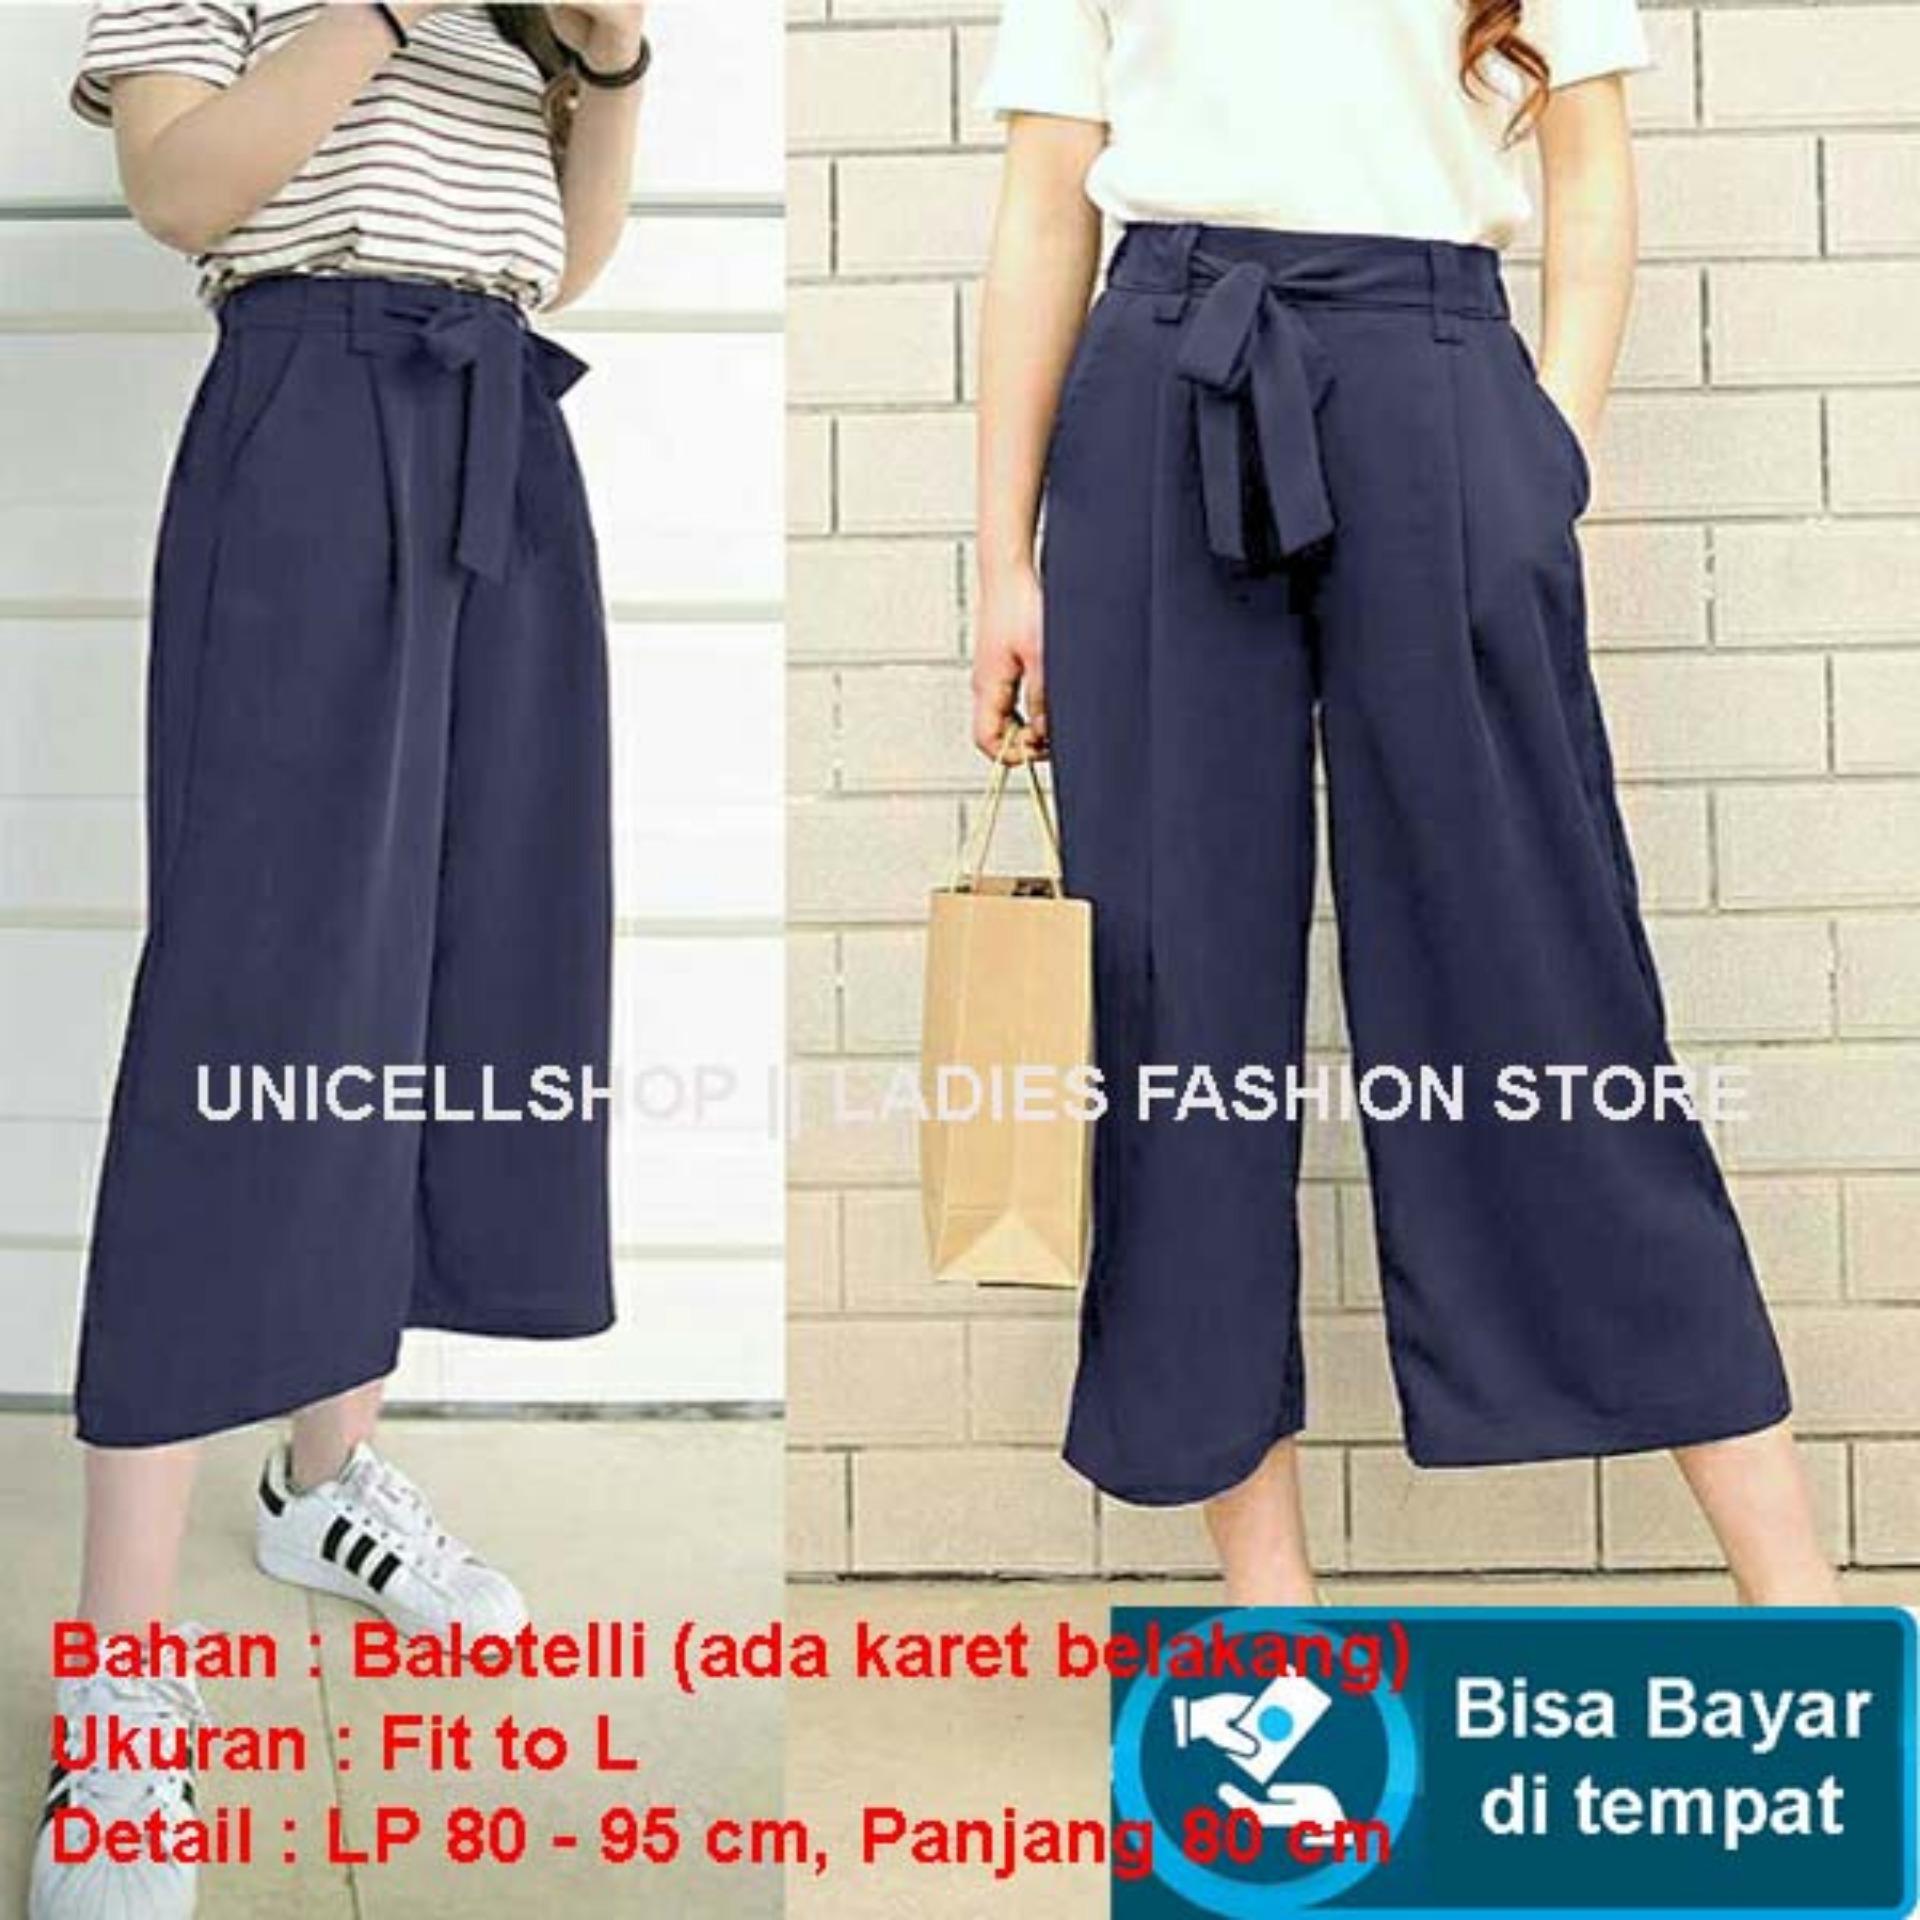 Baju Wanita Shop Celana Kulot Wanita  Long Pant Cullote Scuba  Fashion Polos  Modis Model Terbaru S3 (lotku) - Navy Biru Dongker